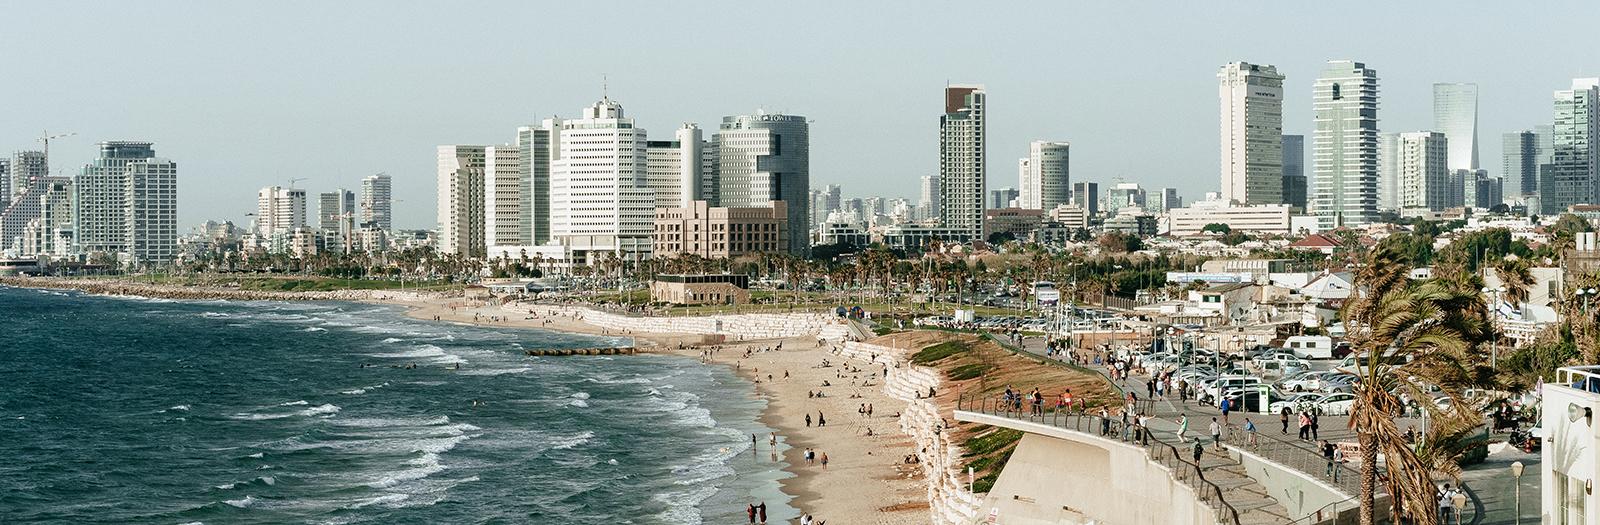 skyline view of Israel